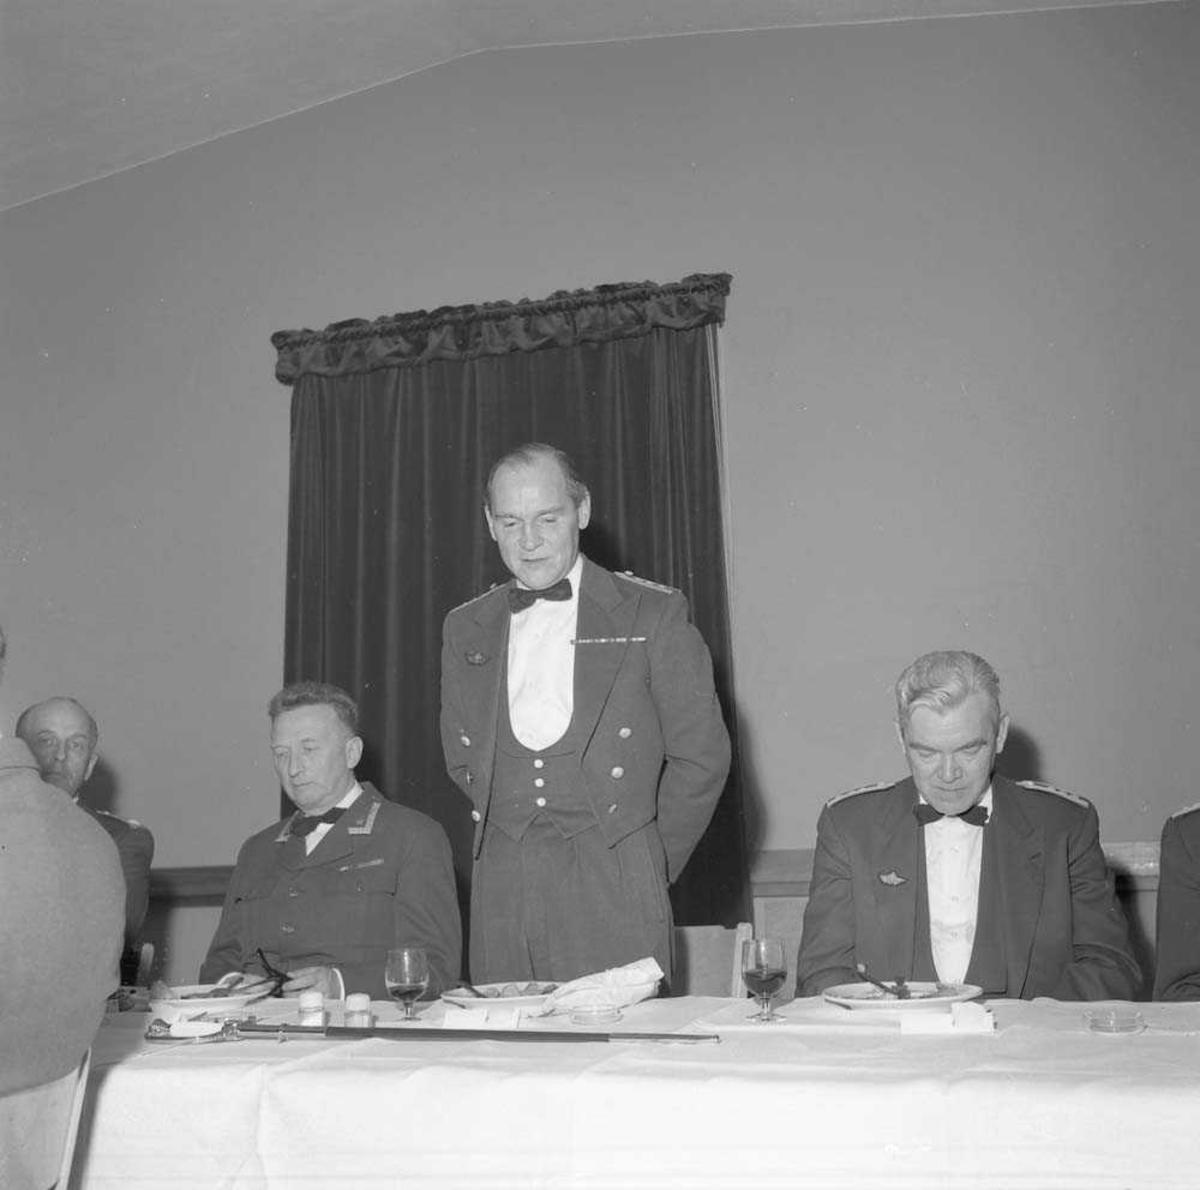 Avskjedsmiddag i Messe I på Bodø flystasjon for Stasjonssjef, Oberst Kåre Stenwig, som holder tale, og til venstre på bildet sees Major Martin Høeg.